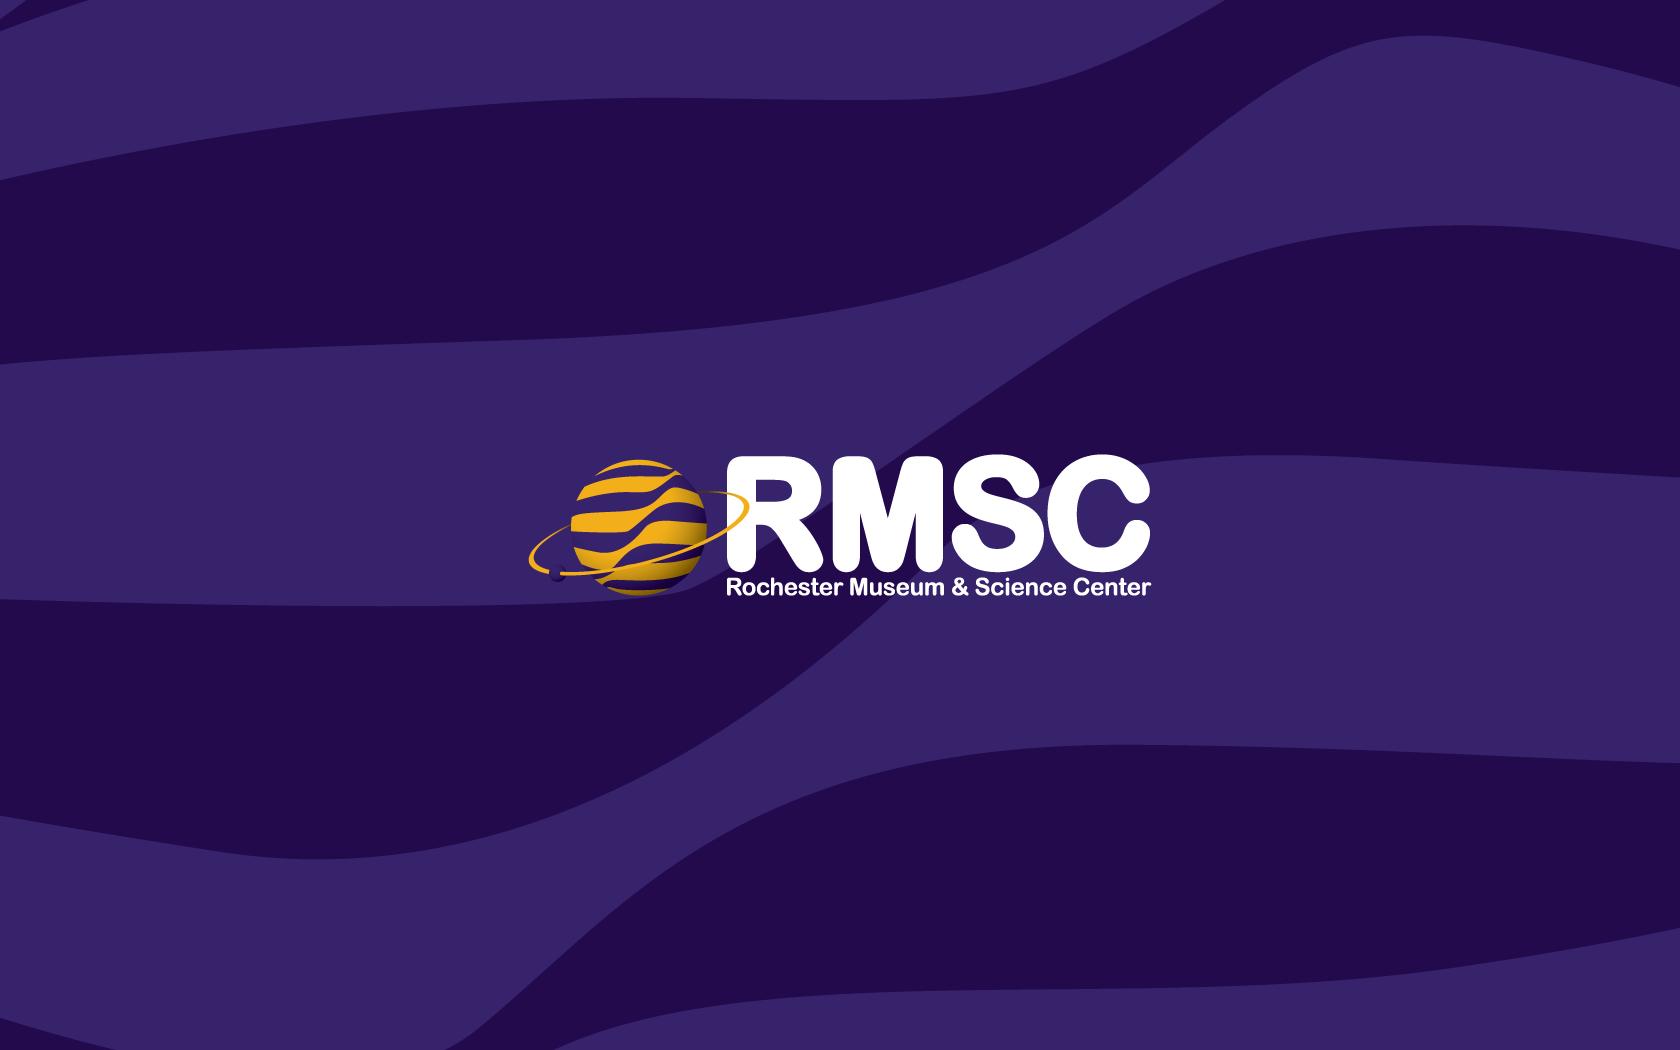 rmsc1.png